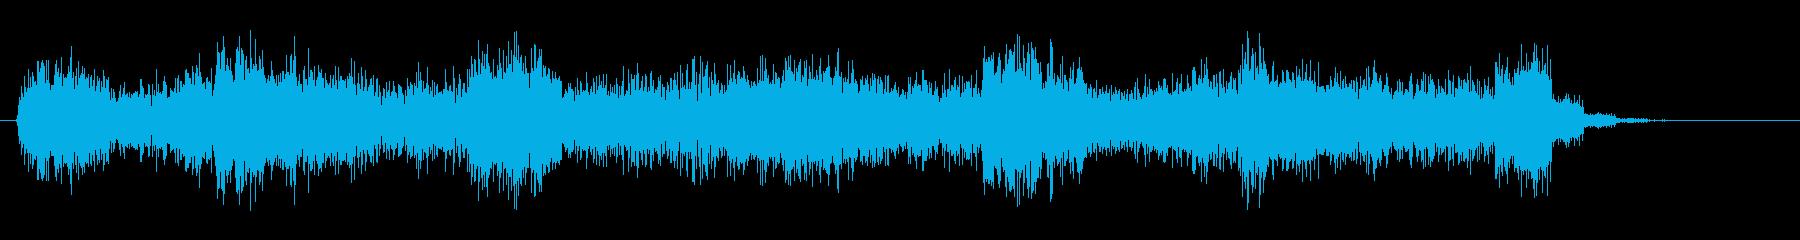 2 不吉、禍禍しい、忌まわしい、系の音の再生済みの波形